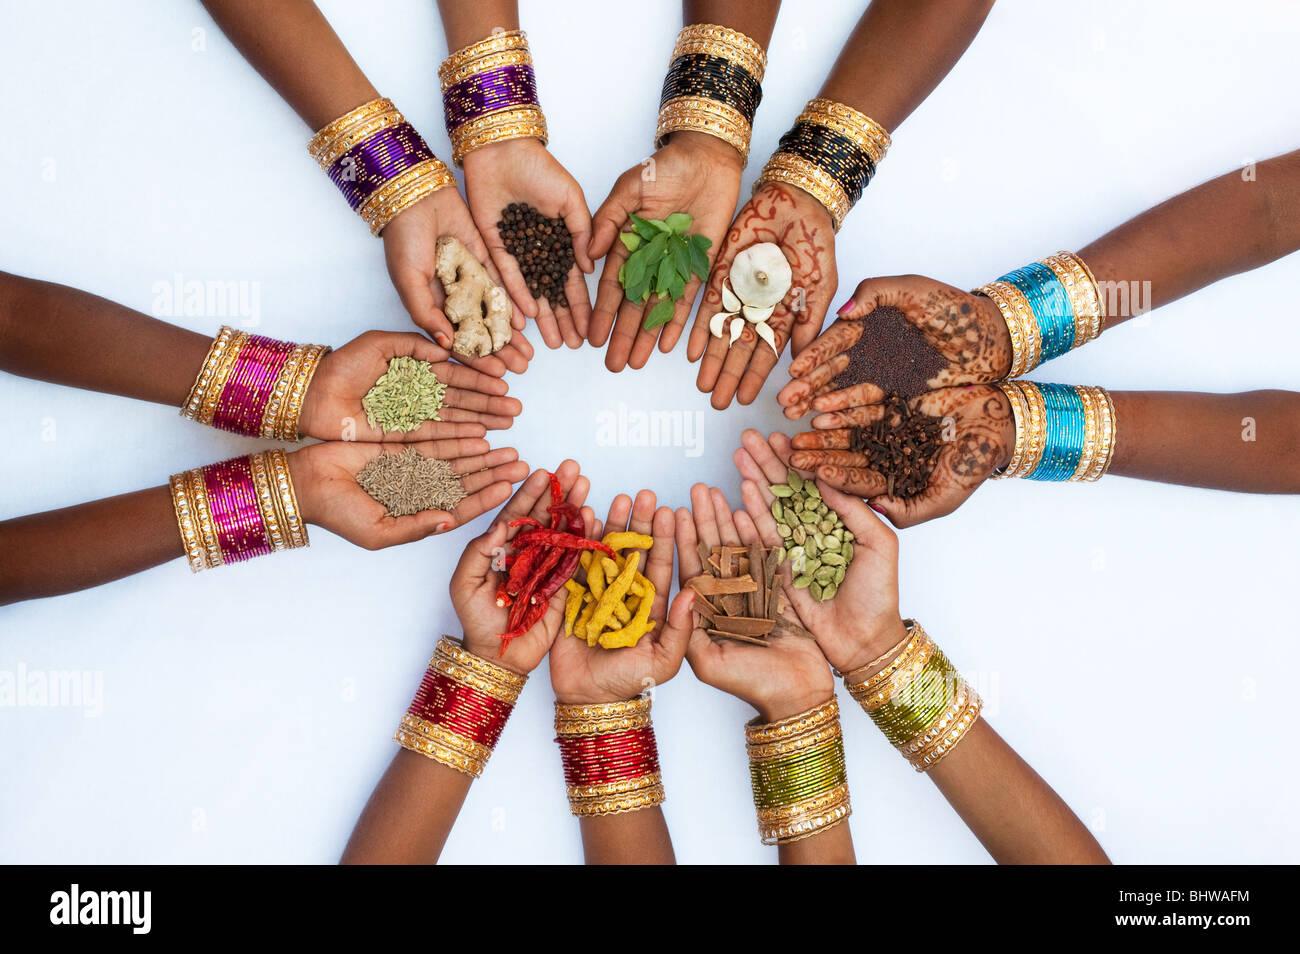 Los niños indios manos sosteniendo diversas especias de cocina india sobre fondo blanco. Imagen De Stock